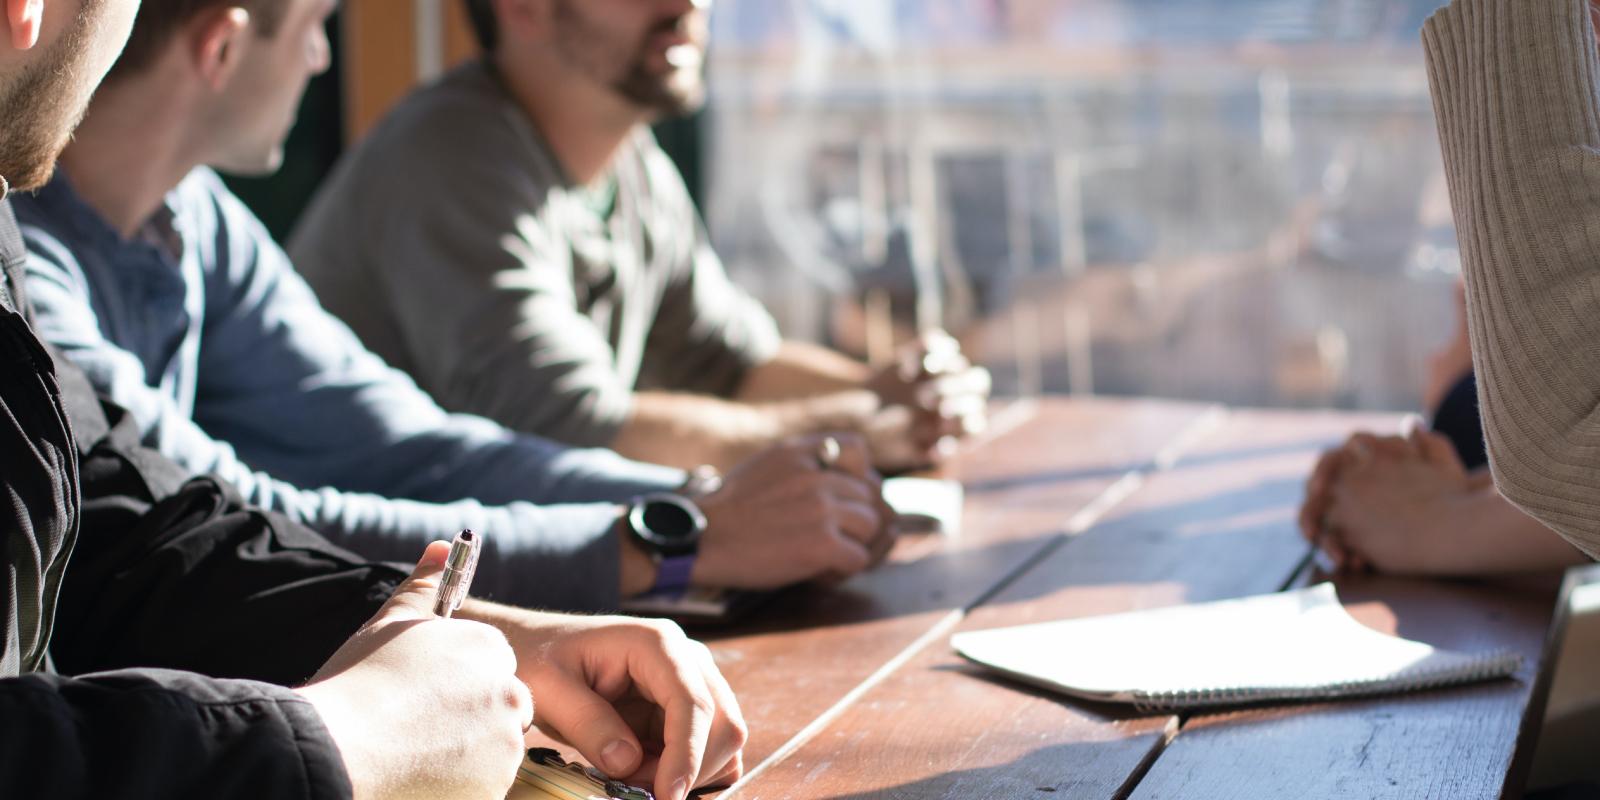 Cultura Organizacional y Comunicación Interna: La interpretación de significados al interior de una organización